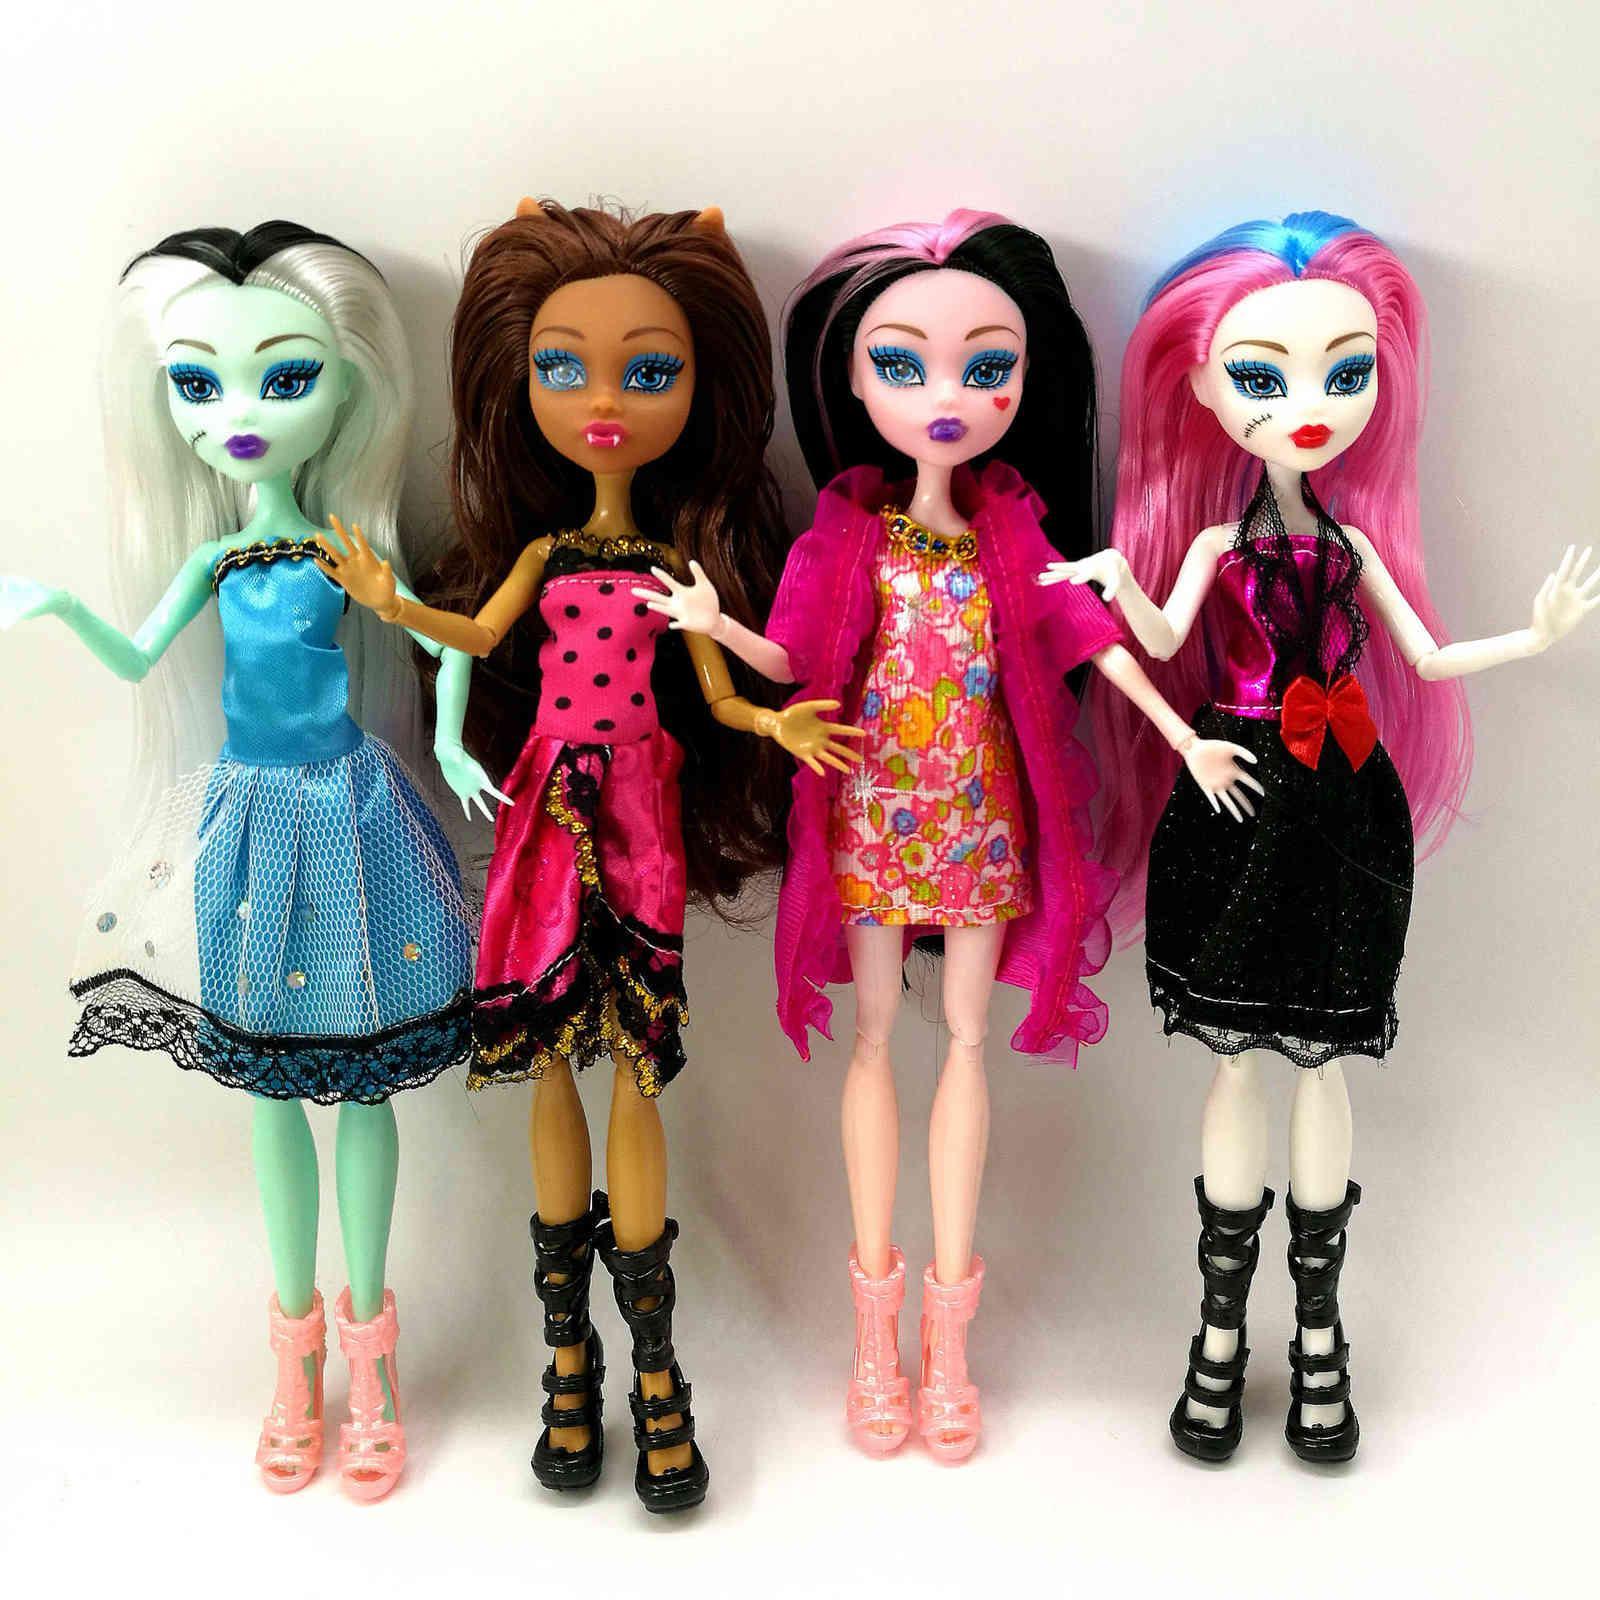 4 unids / lote estilo Monster Fun High Dolls Monster Draculaura Hight Moveable Junta, Regalo de los niños Muñecas de moda al por mayor 210714